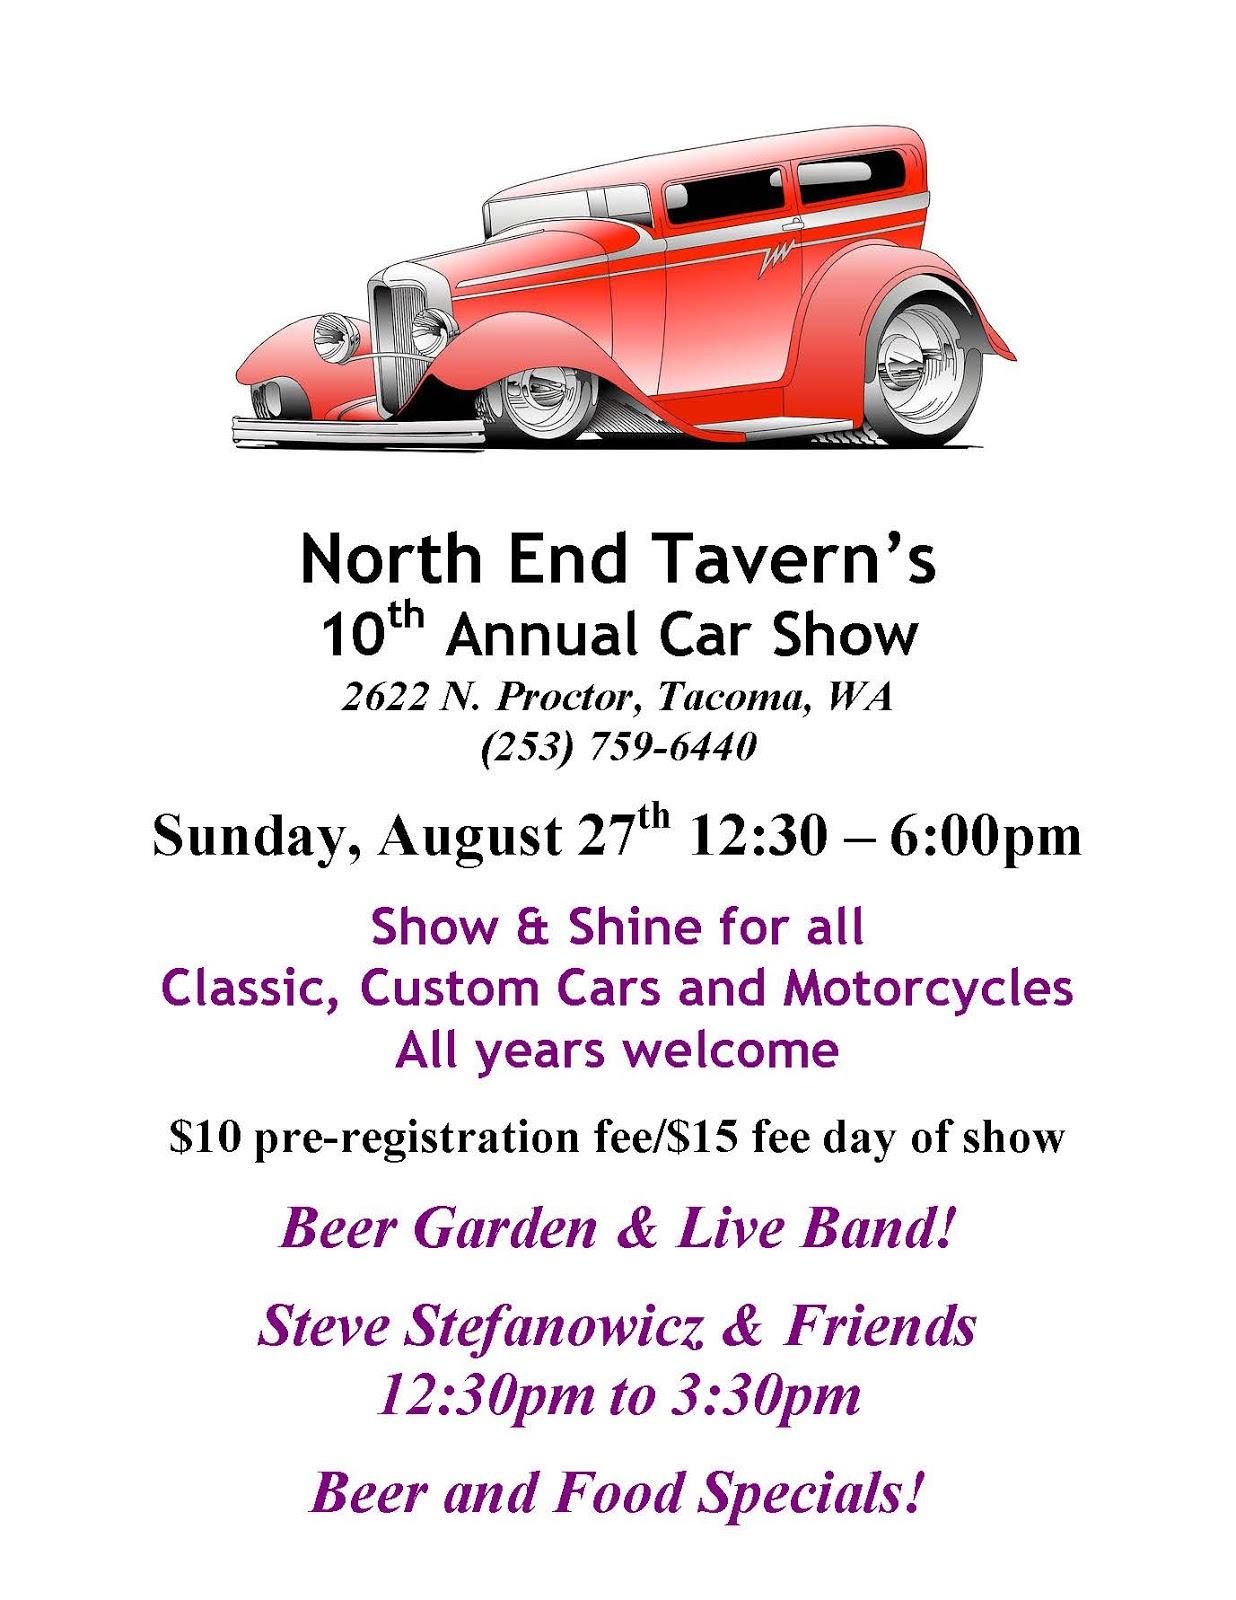 North End Tavern Car Show